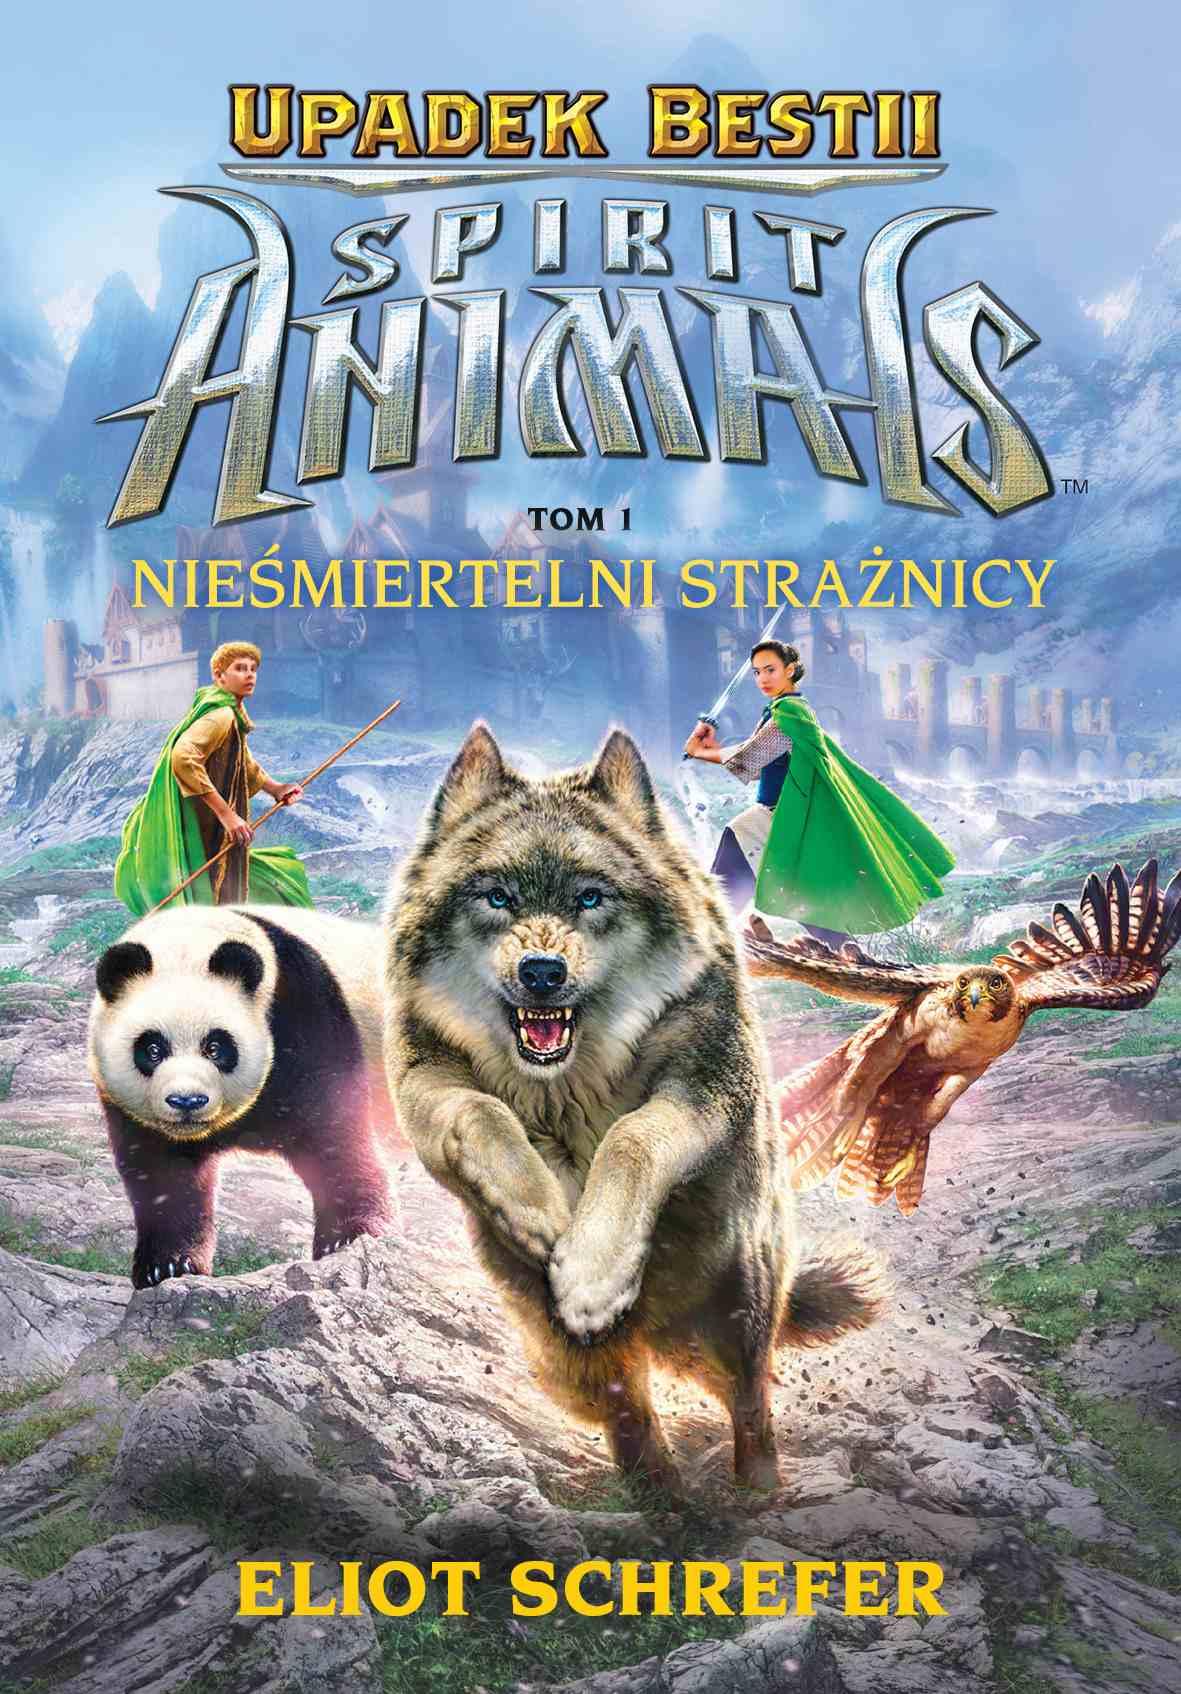 Spirit Animals. Upadek bestii. Nieśmiertelni strażnicy. T.1 - Ebook (Książka EPUB) do pobrania w formacie EPUB